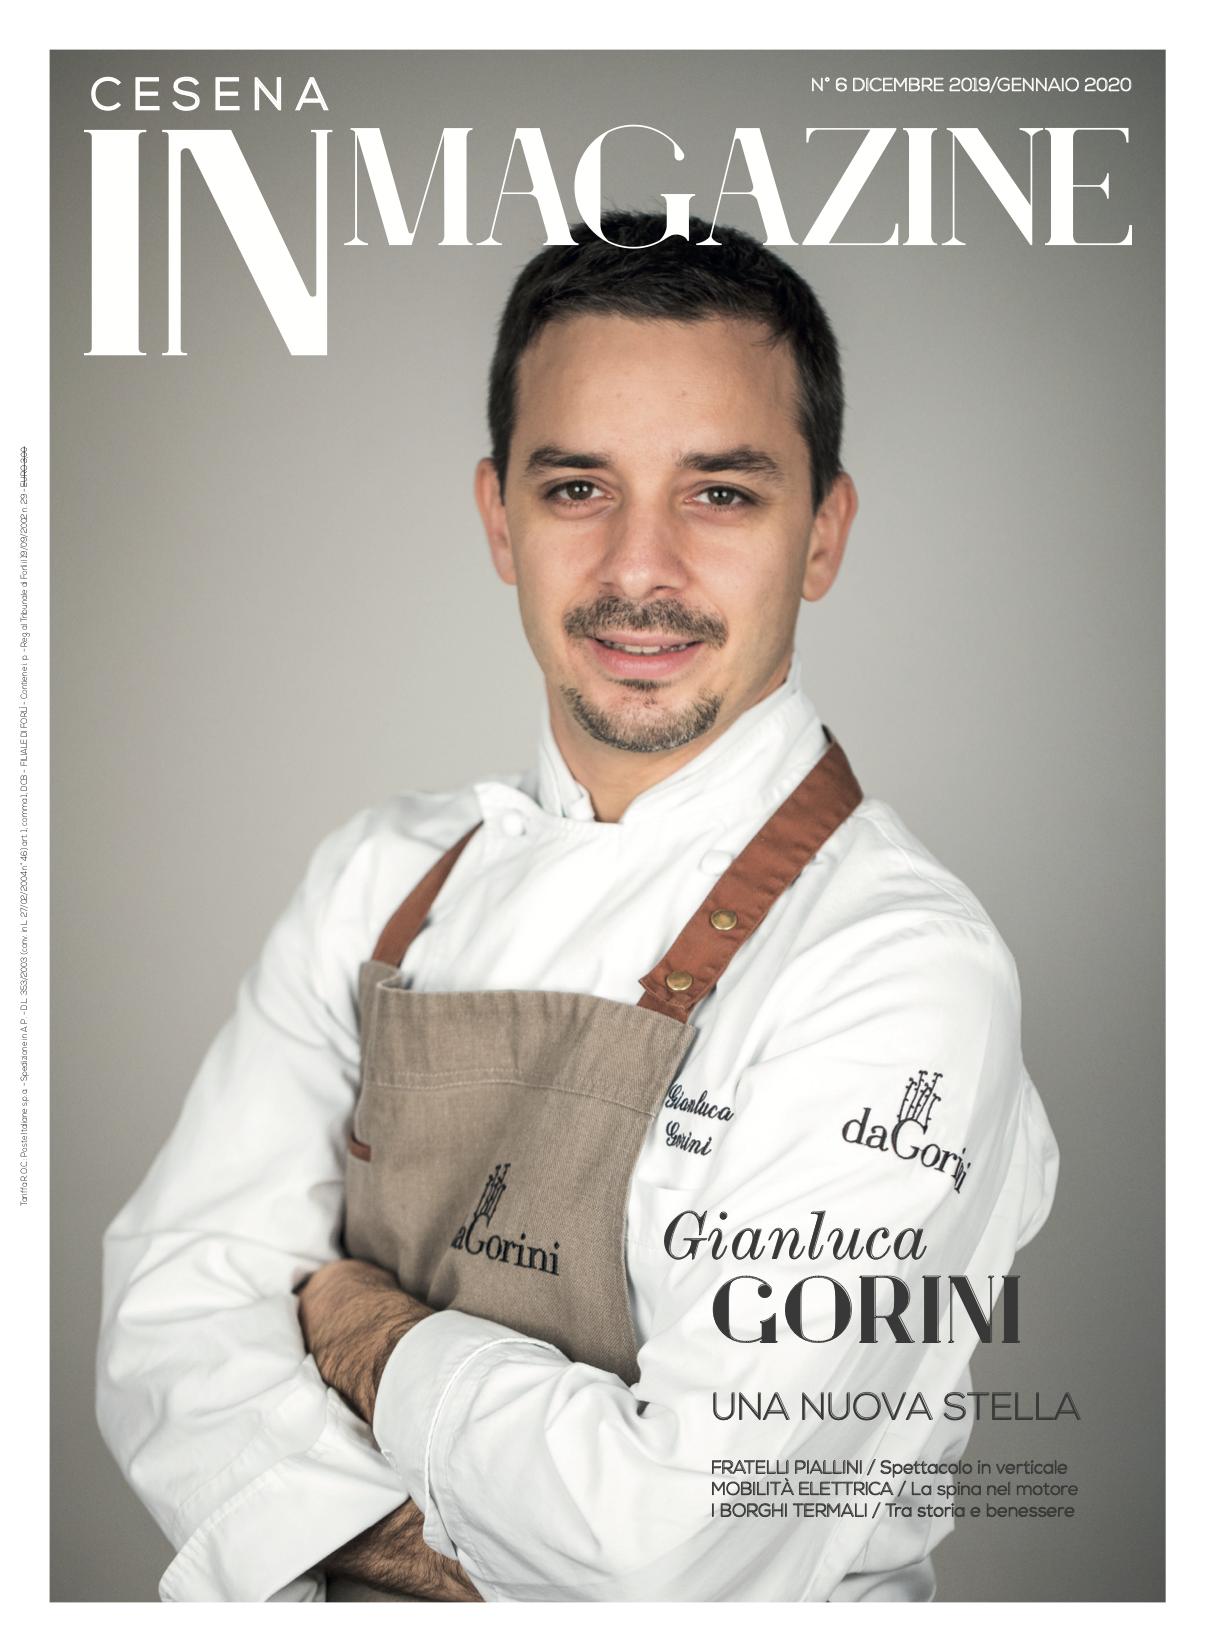 cover Ravenna 05 2019 Gianluca Gorini